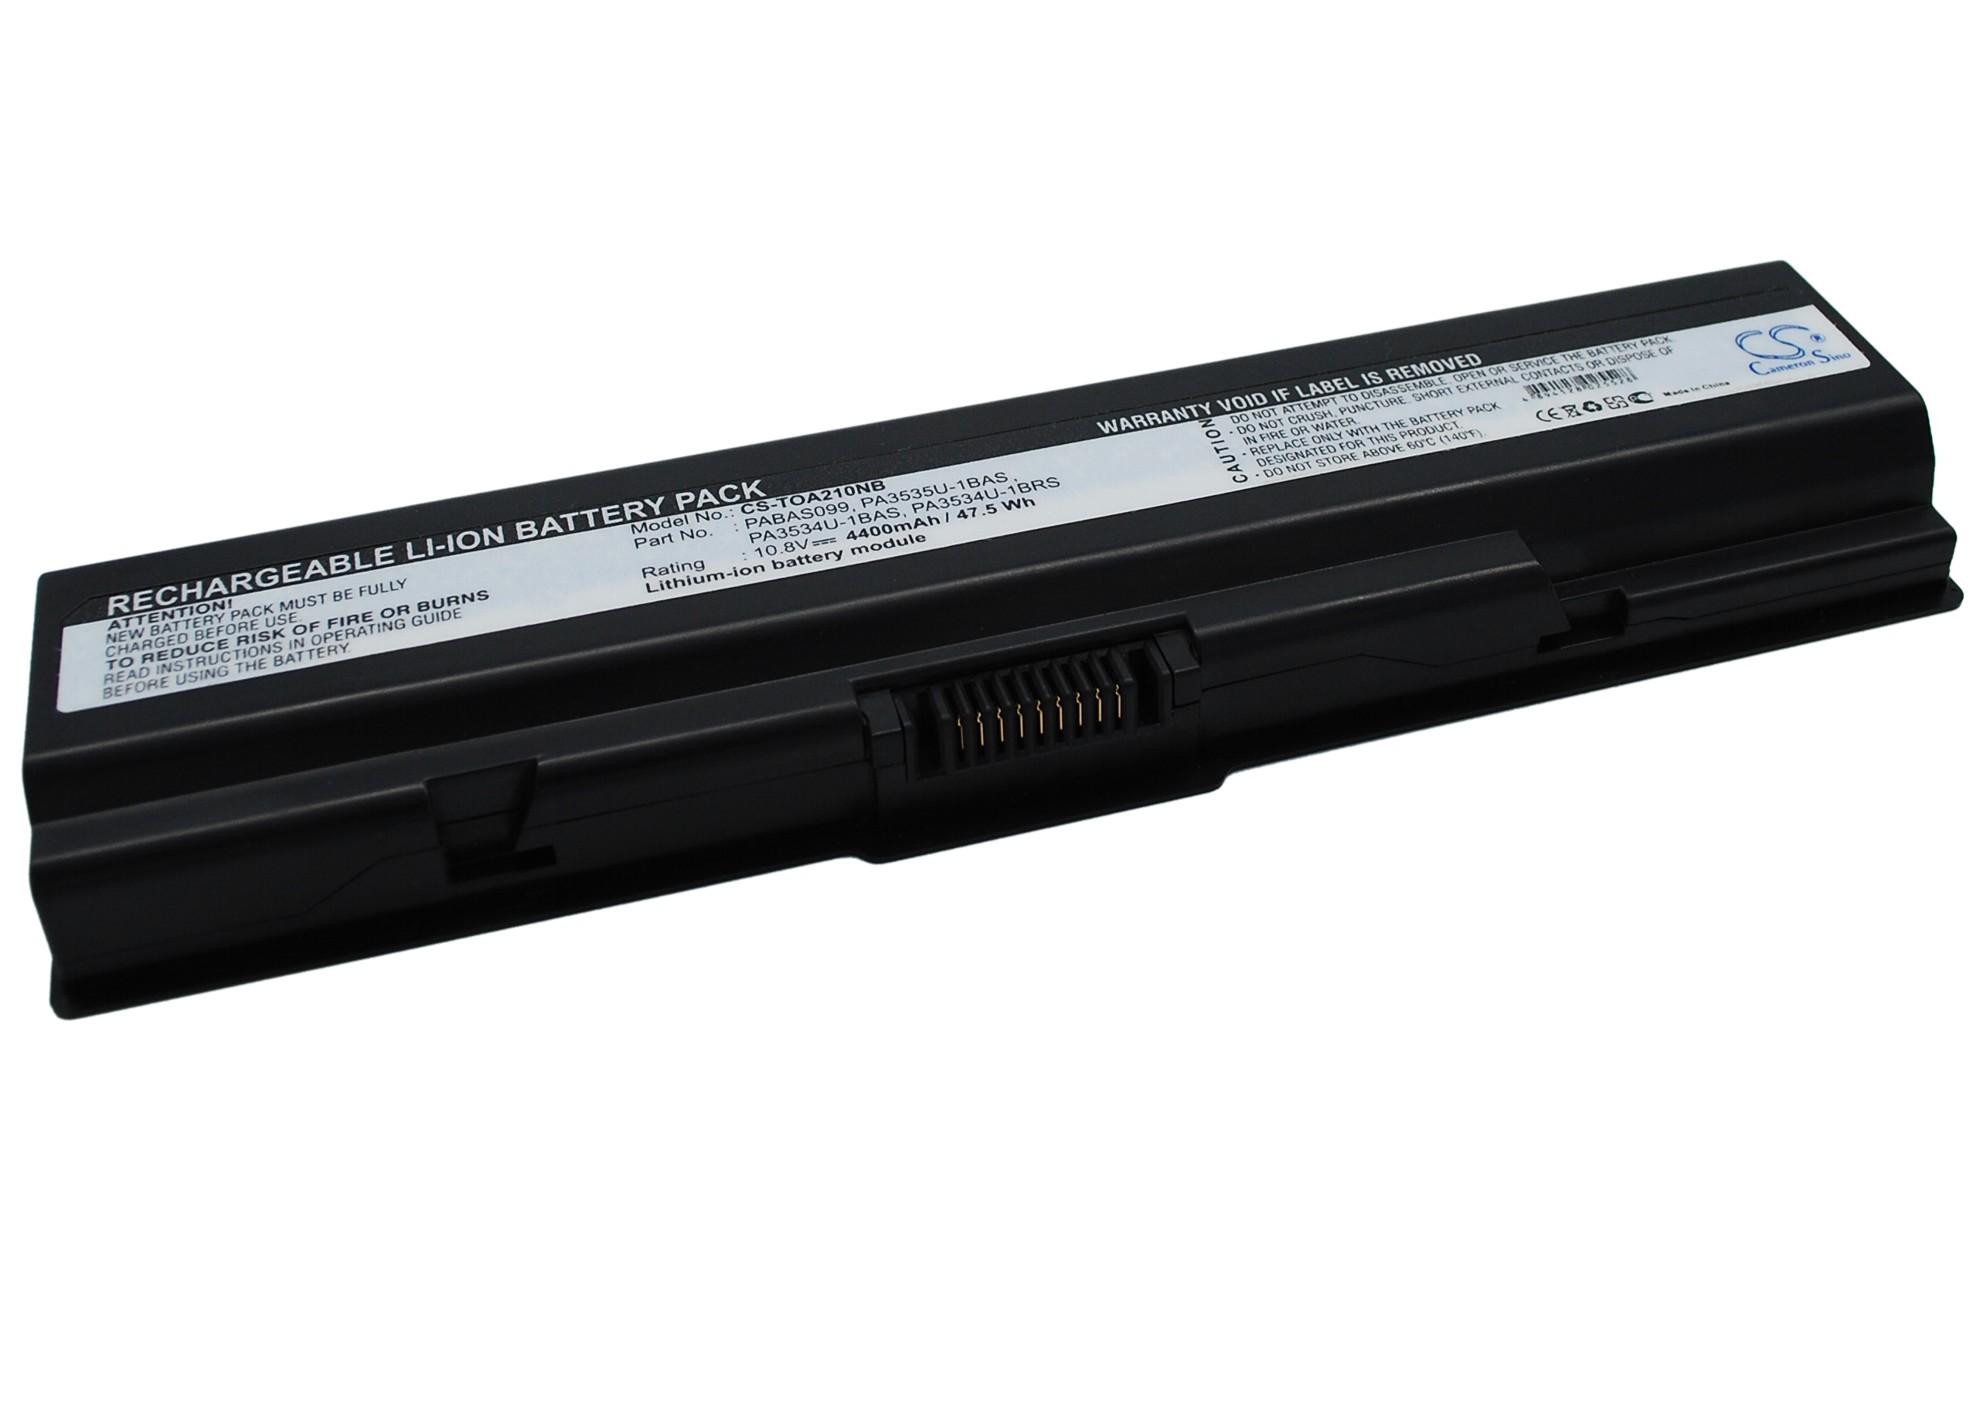 Cameron Sino baterie do notebooků pro TOSHIBA Satellite L505-10J 10.8V Li-ion 4400mAh černá - neoriginální